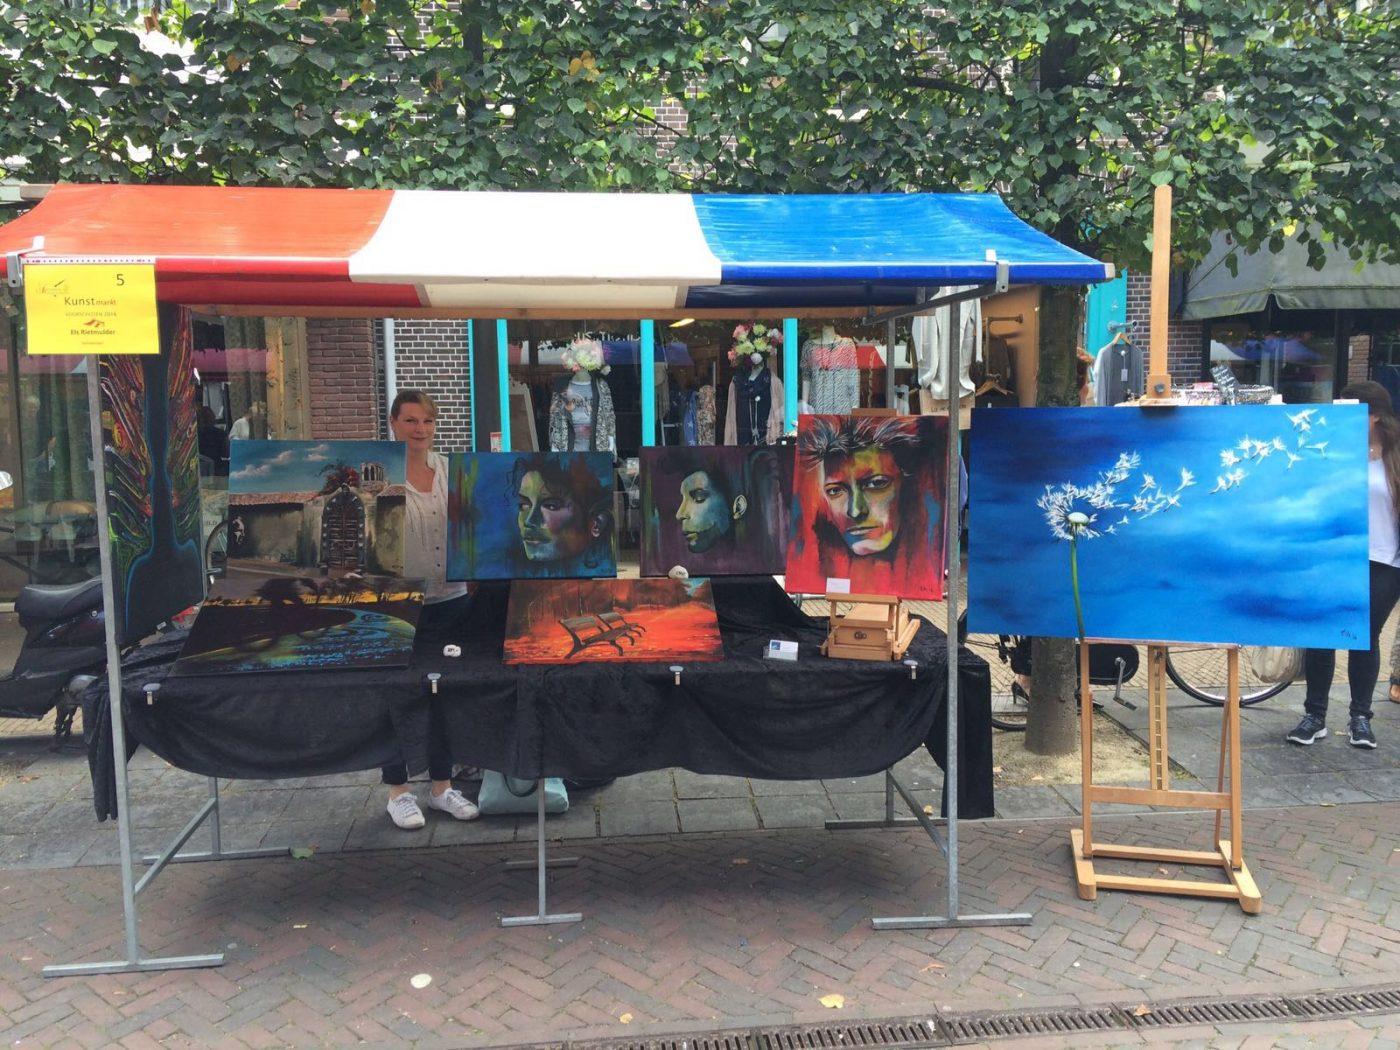 Kunstmarkt voorschoten 2016